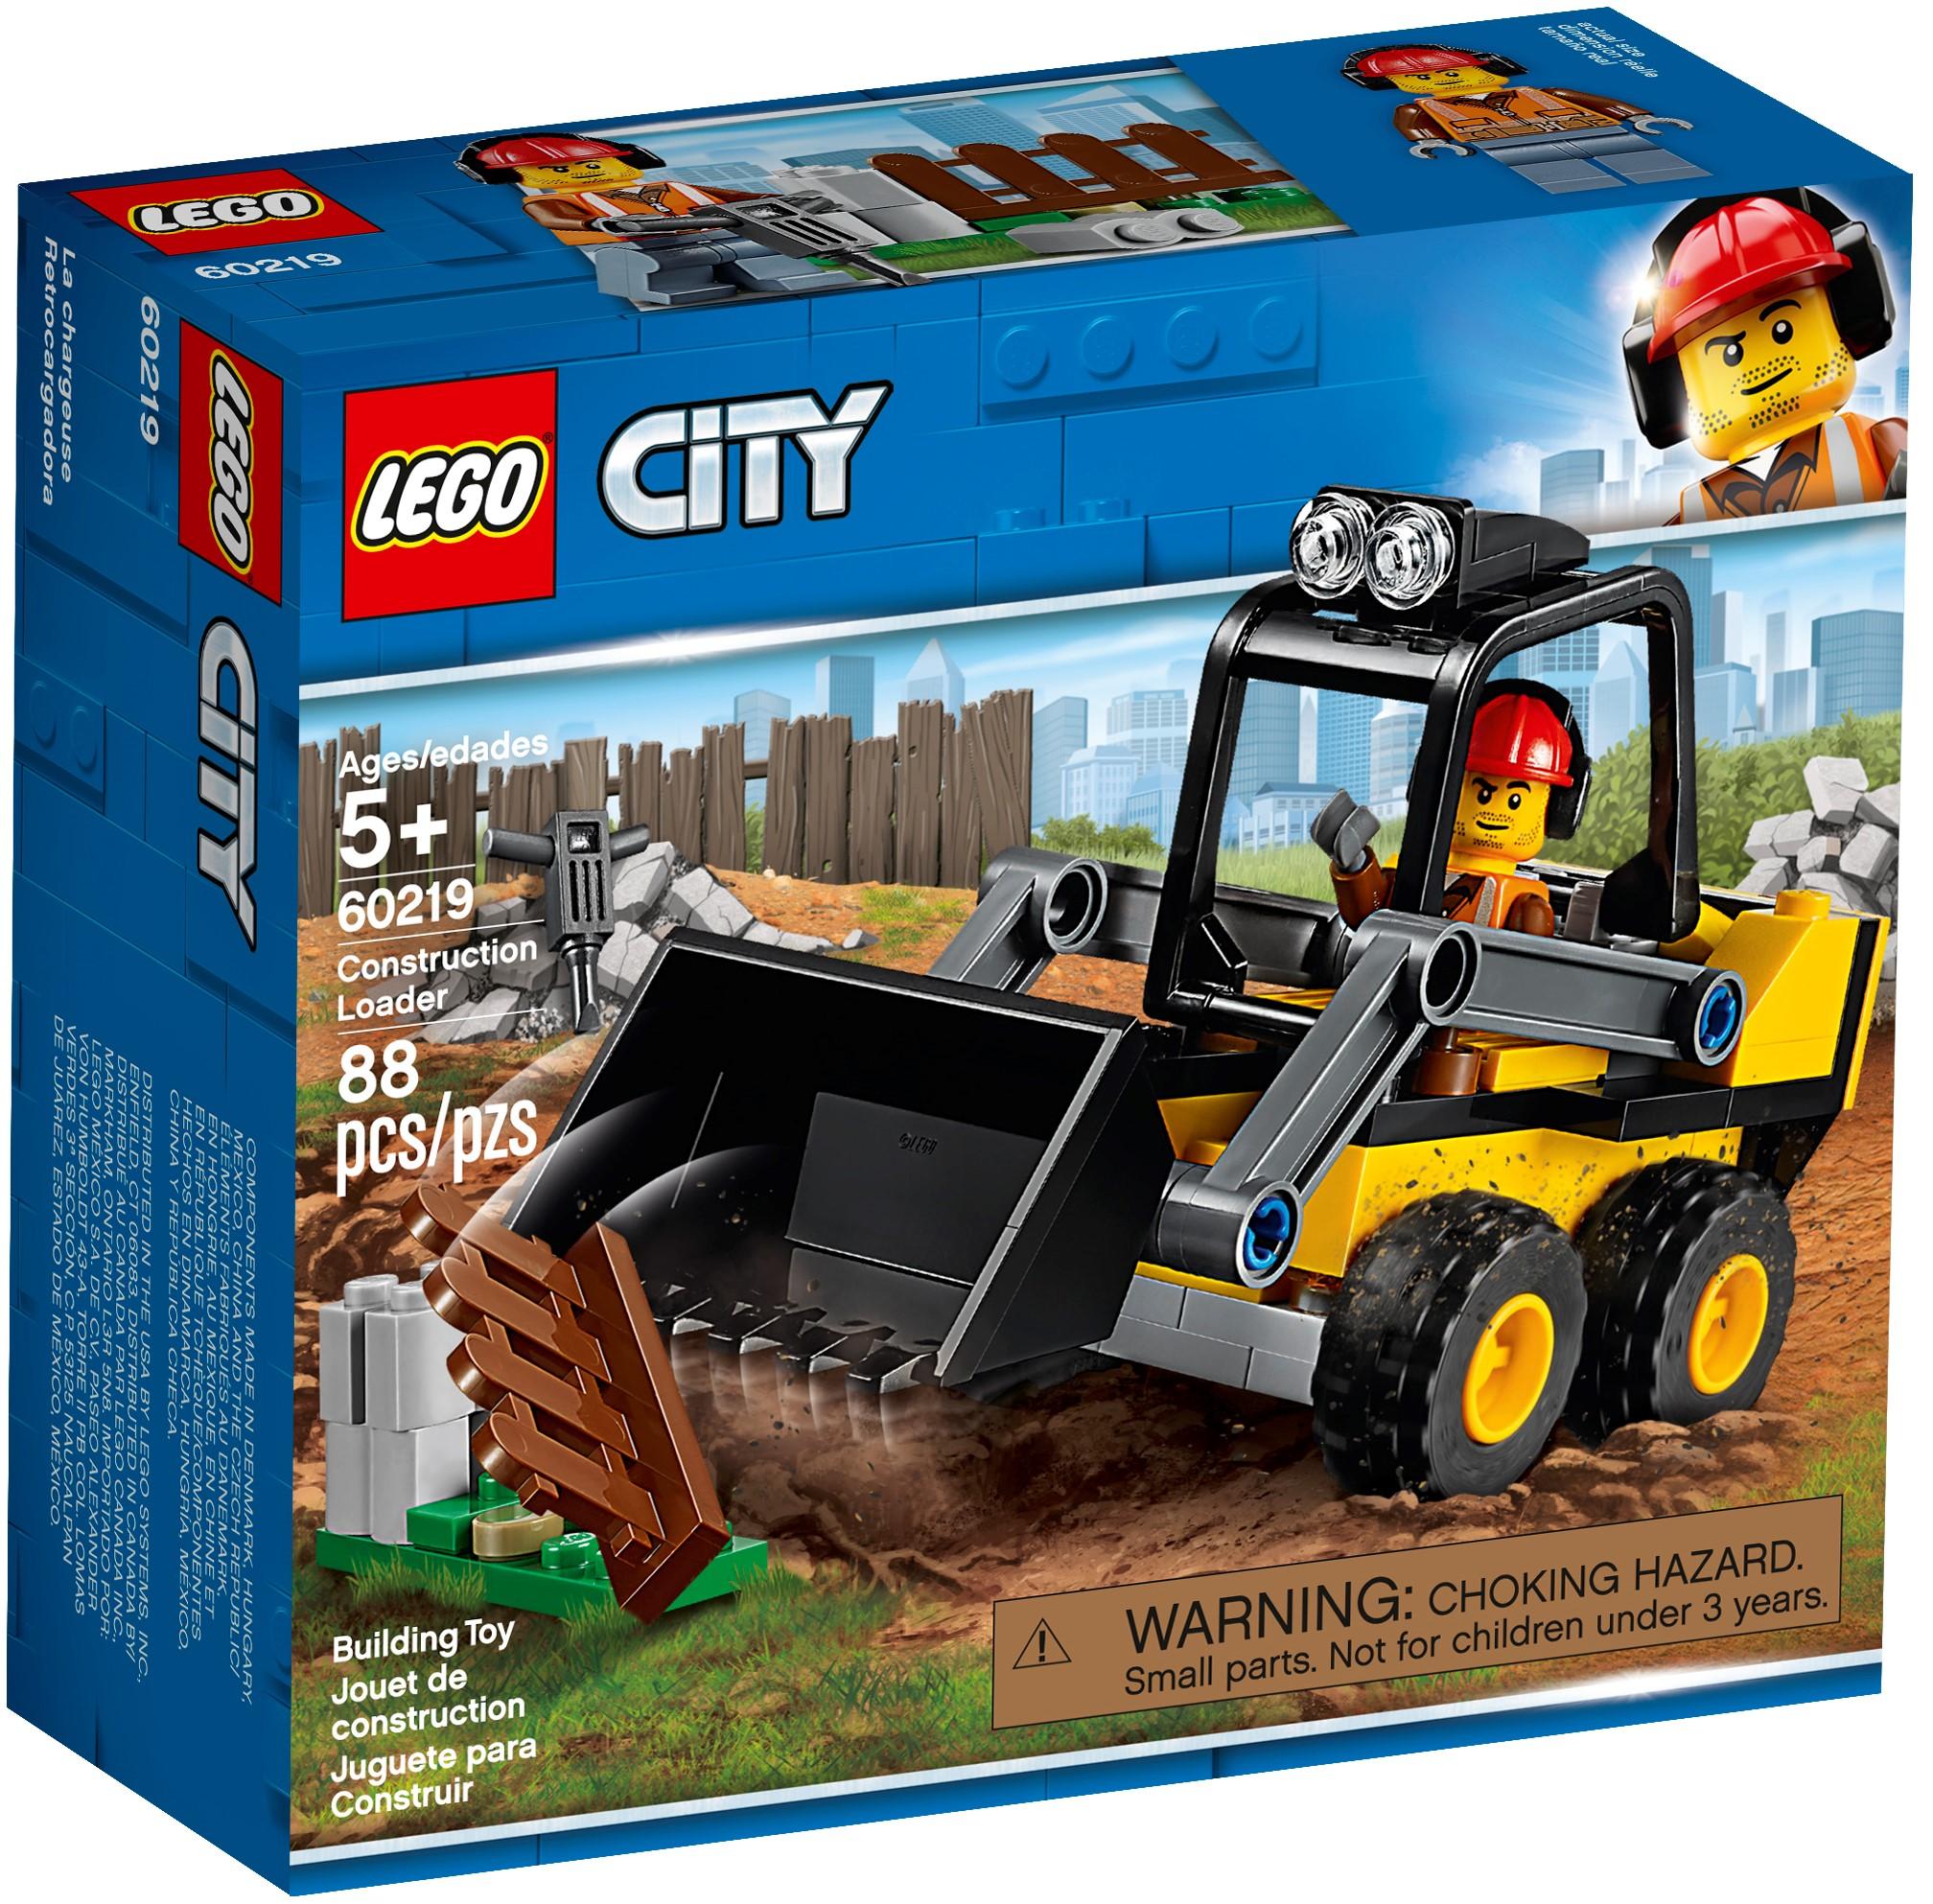 LEGO CITY CONSTRUCTION 88 PZS